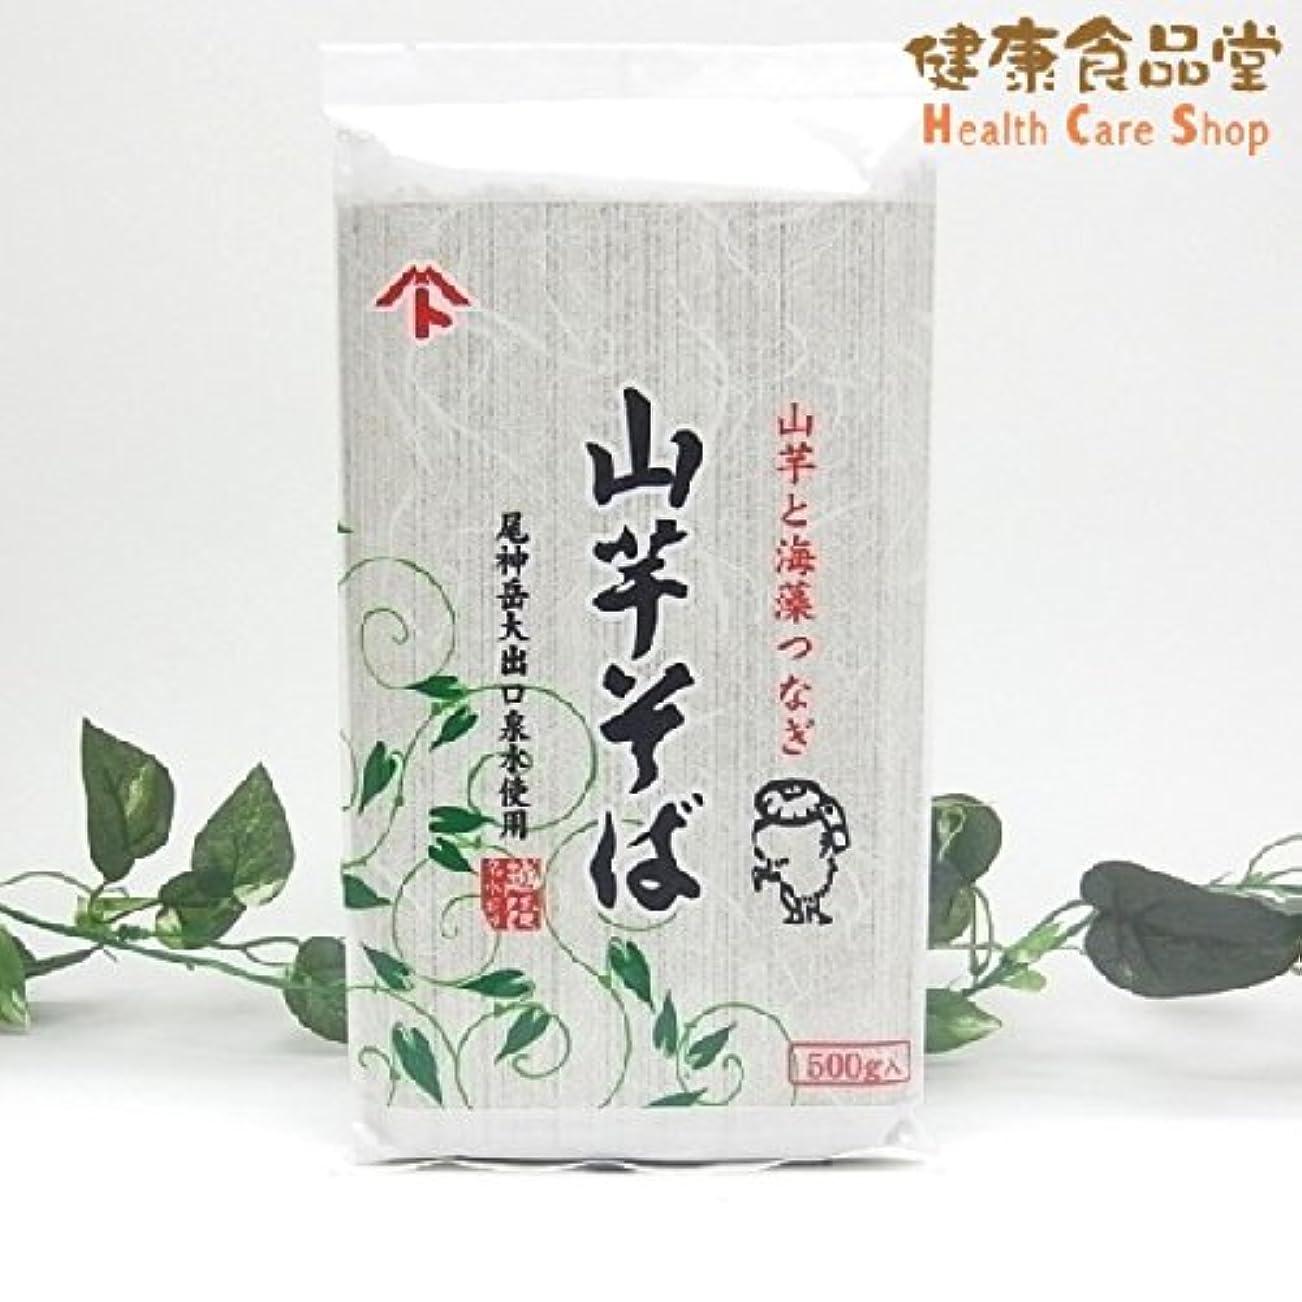 細胞フェローシップスピン創健社 山芋そば 500g